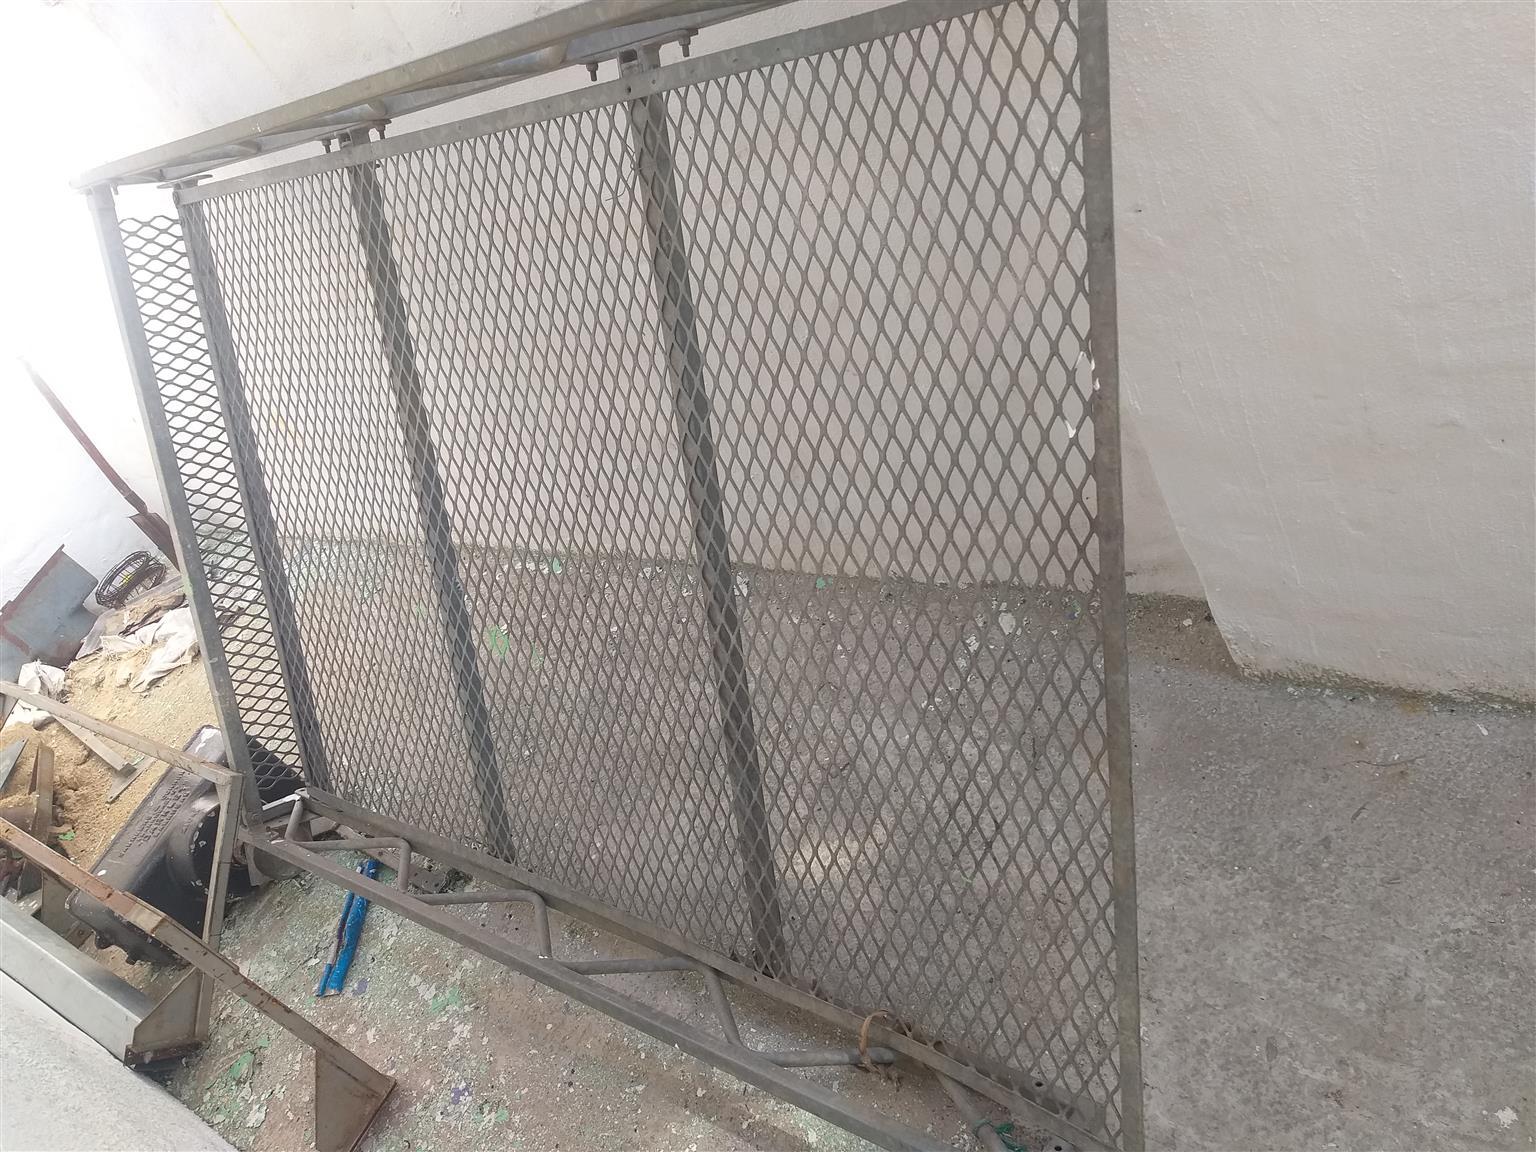 1400 nissan galvanised  steel canopy